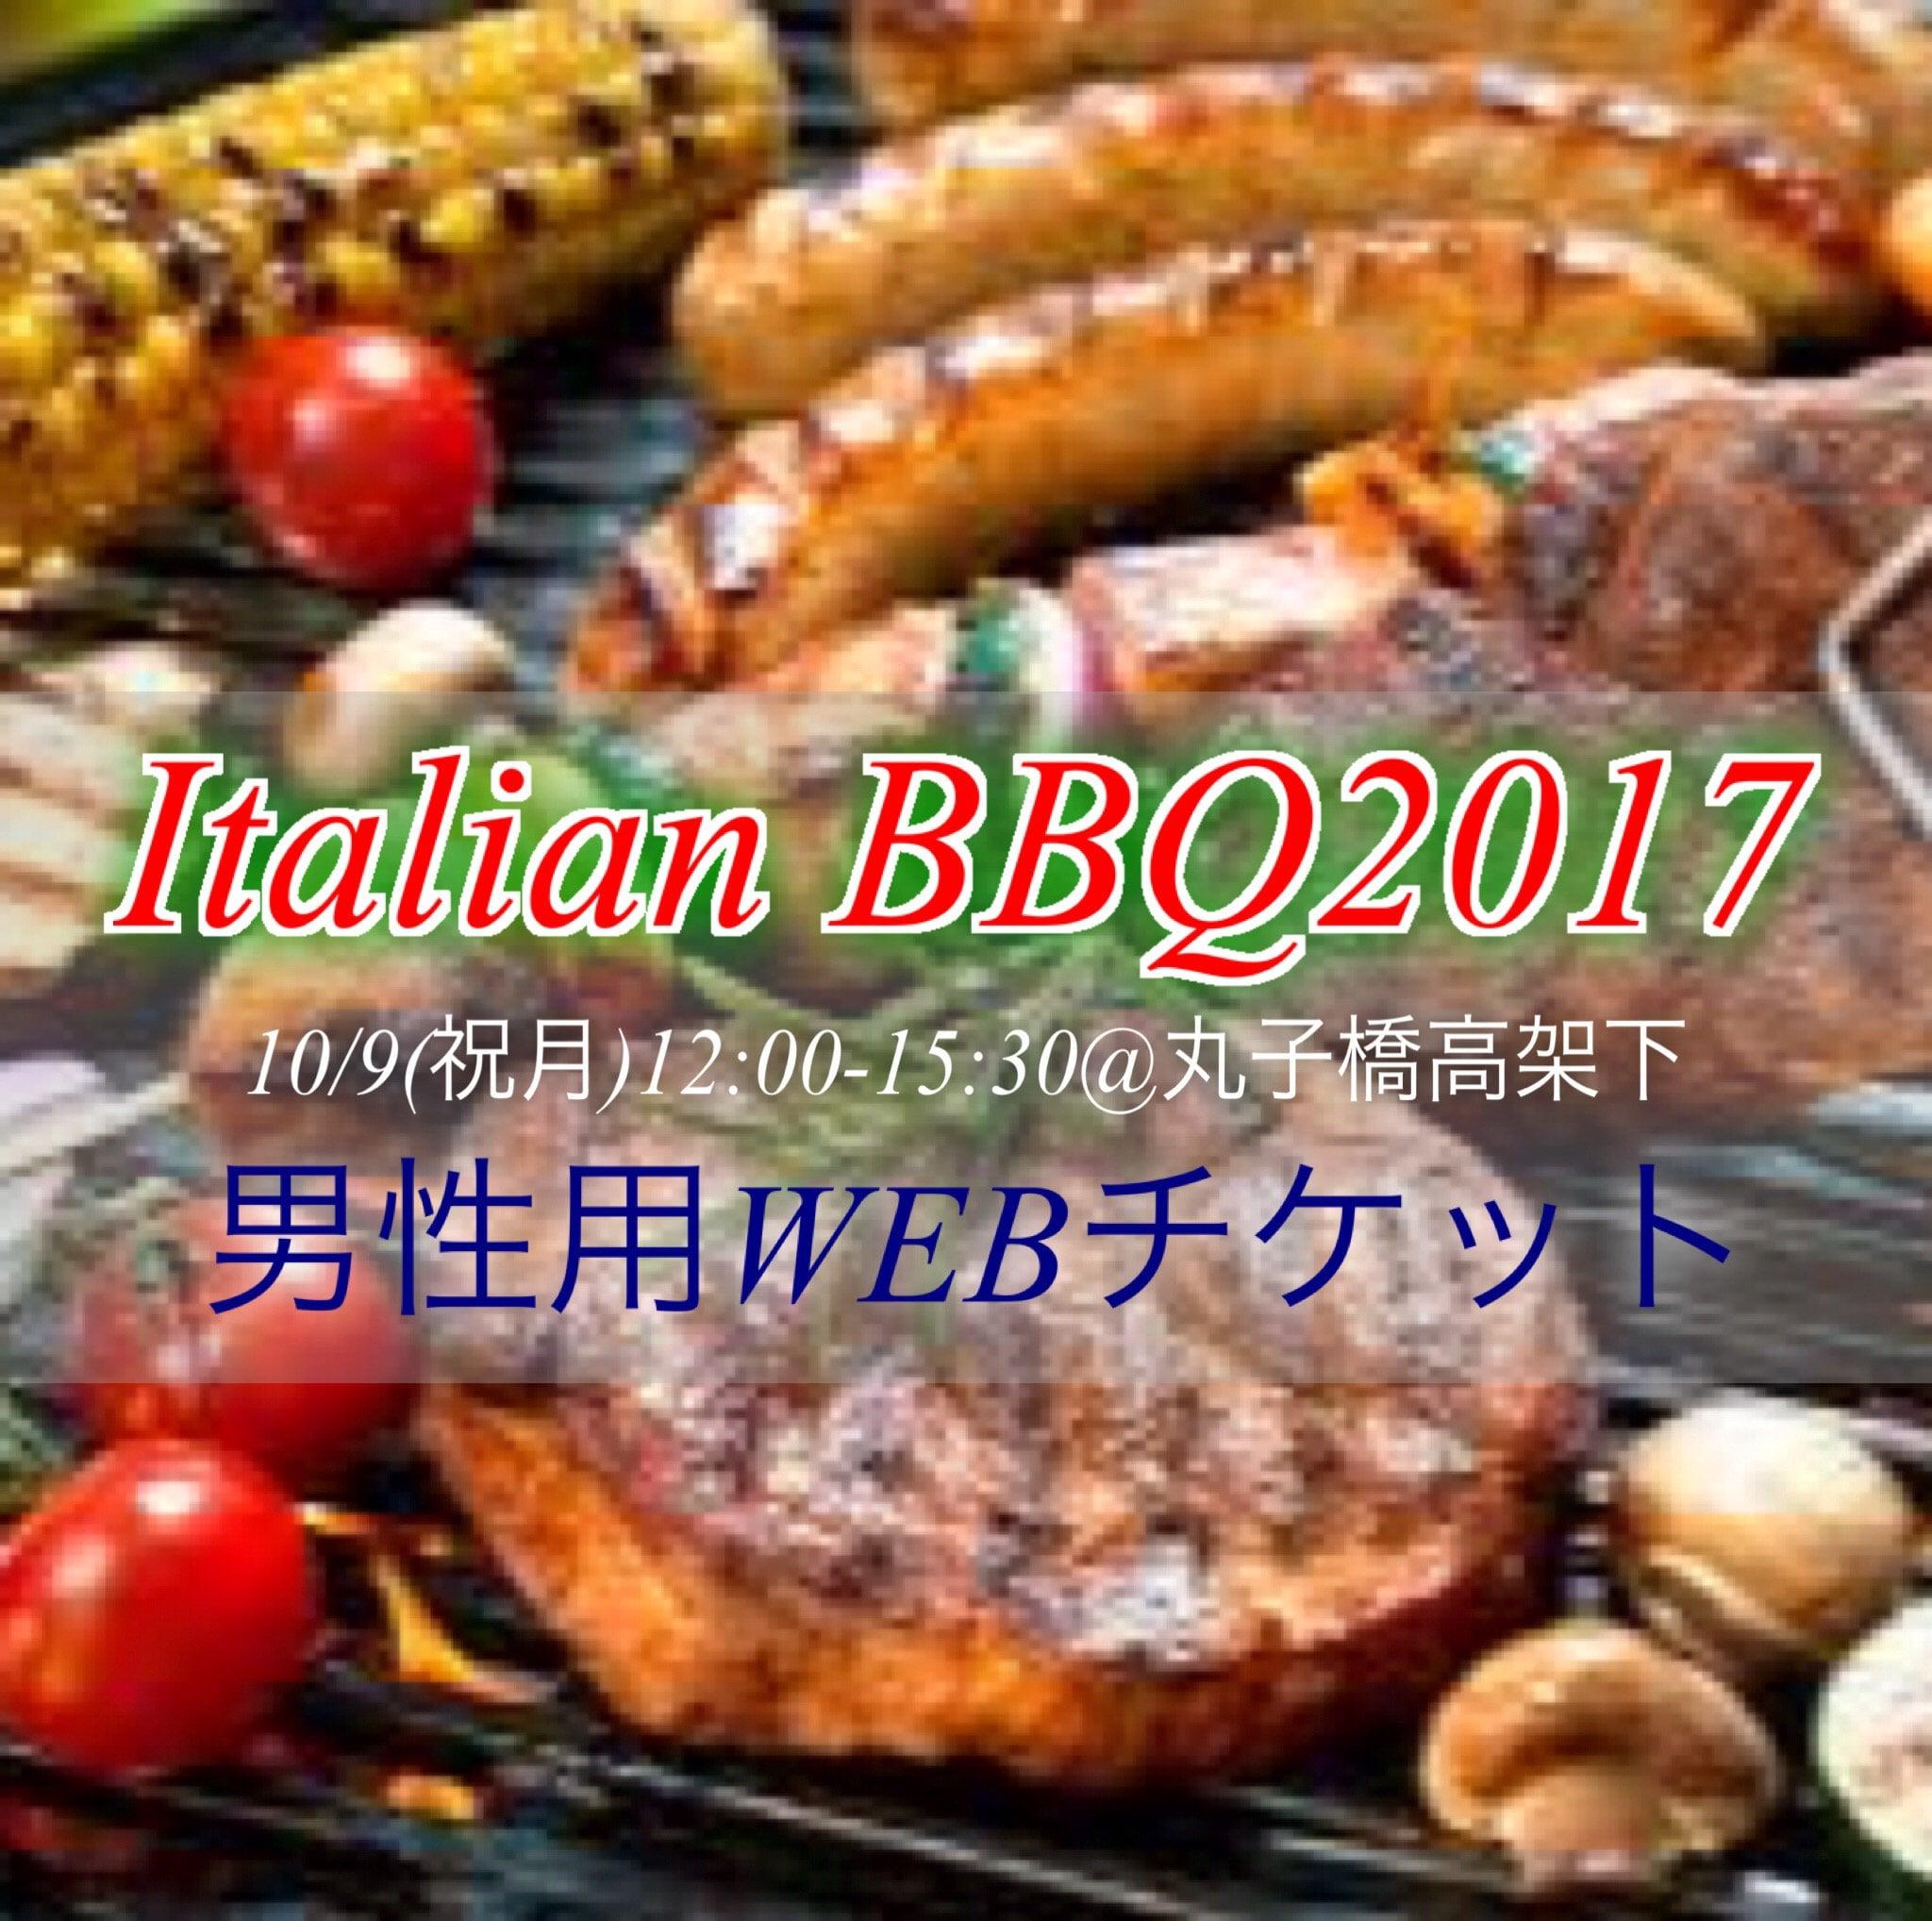 【男性用10/9(祝月)東京・神奈川1000名BBQ企画TA】【1名参加歓迎&初参加歓迎】Italian BBQ  フェス 2017 ウェブチケットのイメージその1